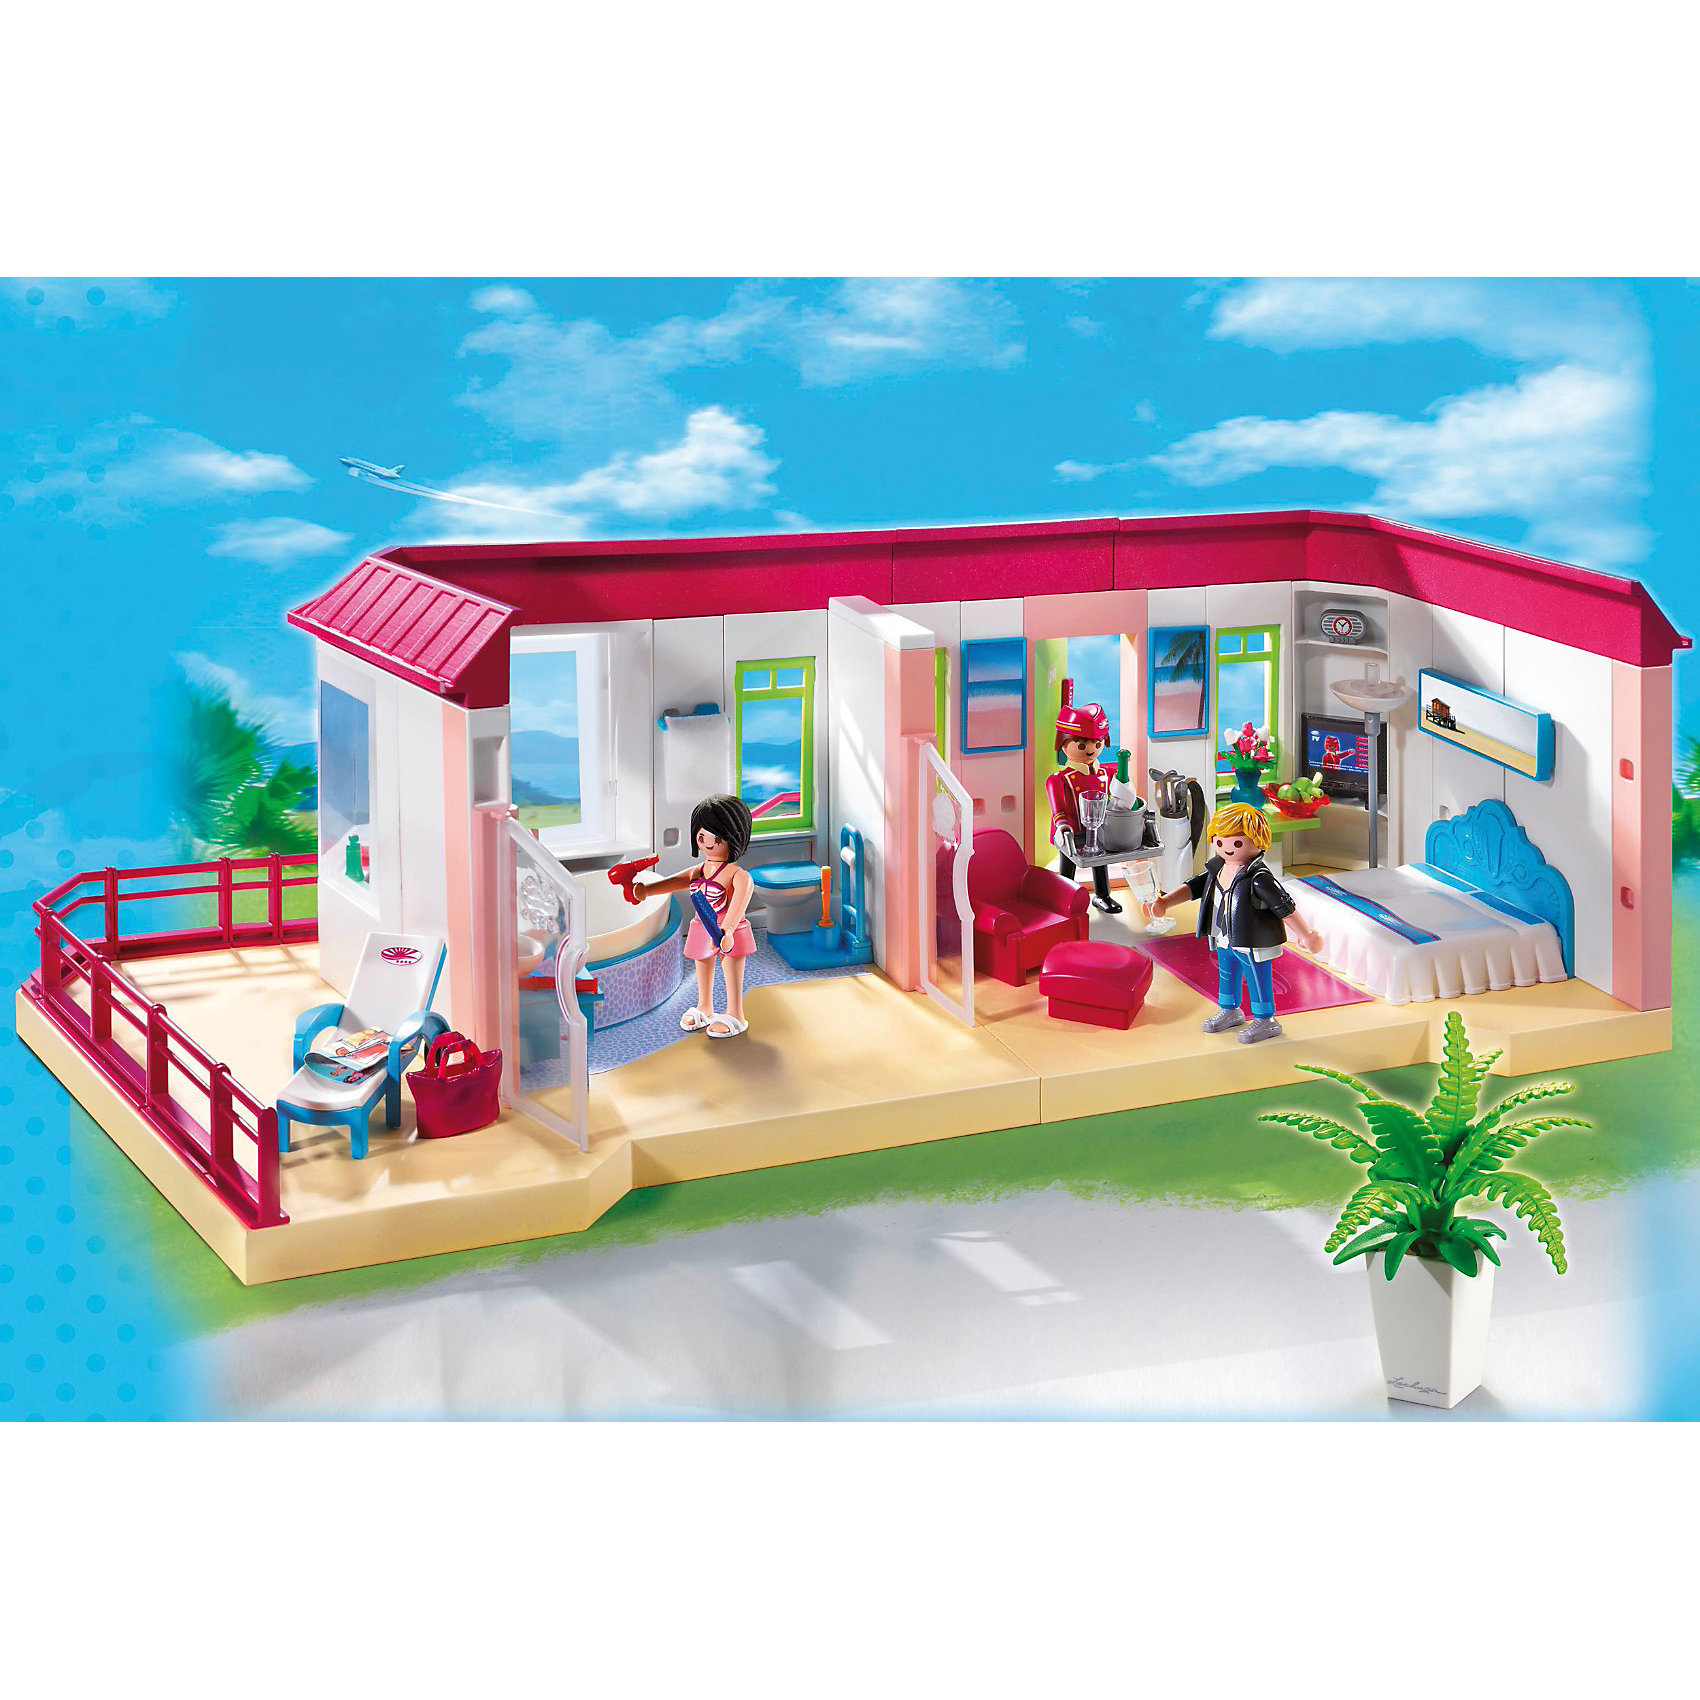 PLAYMOBIL5269 Отель: Номер люксPLAYMOBIL 5269 - это большой комфортный и уютный номер люкс для гостей отеля, который расположен на крыше отеля, с большой террасы открывается красивый панорамный вид, любоваться которым можно сидя в кресле за чашкой чая. В номере просторная гостиная, спальня, ванная комната. В комнате есть большая удобная кровать, кресло, телевизор, ковер, столик и другие предметы, создающие уют.  Дверь номера открывается карточкой ключом.<br>В наборе три человечка, большая кровать, сантехника и мебель для ванной комнаты, мебель для гостиной и шезлонг для террасы. Шезлонг можно установить на террасе и позагорать.  Набор совместим с Большим меблированным отелем и с другими наборами серии Отель можно использовать отдельно. Большой номер люкс прикрепляется к крыше отеля.<br><br>В набор Плеймобил 5269 входит  помещение гостиничного номера, 3 фигурки человечков (работник отеля и 2 отдыхающих), кровать, кресло, шезлонг, сумка, фужеры, шампанское, столик, яблоки, цветок в горшке, фен, зубные щетки, торшер, умывальник, туалет, коврик и другие детали, всего 150 деталей. <br><br>У фигурок человечков подвижные конечности - возможность вложить в руки предметы, например, фен или фужер для шампанского. <br><br>Дополнительная информация:<br><br>- материал: пластик<br>- размеры игрушки:<br>- высота фигурок человечков: 7,5 см. <br>- длина номера люкс: 61,5 см. <br>- размер коробки: 44,5х12,4 х34,8 см.<br><br>Номер люкс от PLAYMOBIL 5269 можно купить в нашем интернет-магазине.<br><br>Ширина мм: 455<br>Глубина мм: 352<br>Высота мм: 130<br>Вес г: 1962<br>Возраст от месяцев: 48<br>Возраст до месяцев: 120<br>Пол: Унисекс<br>Возраст: Детский<br>SKU: 2435617